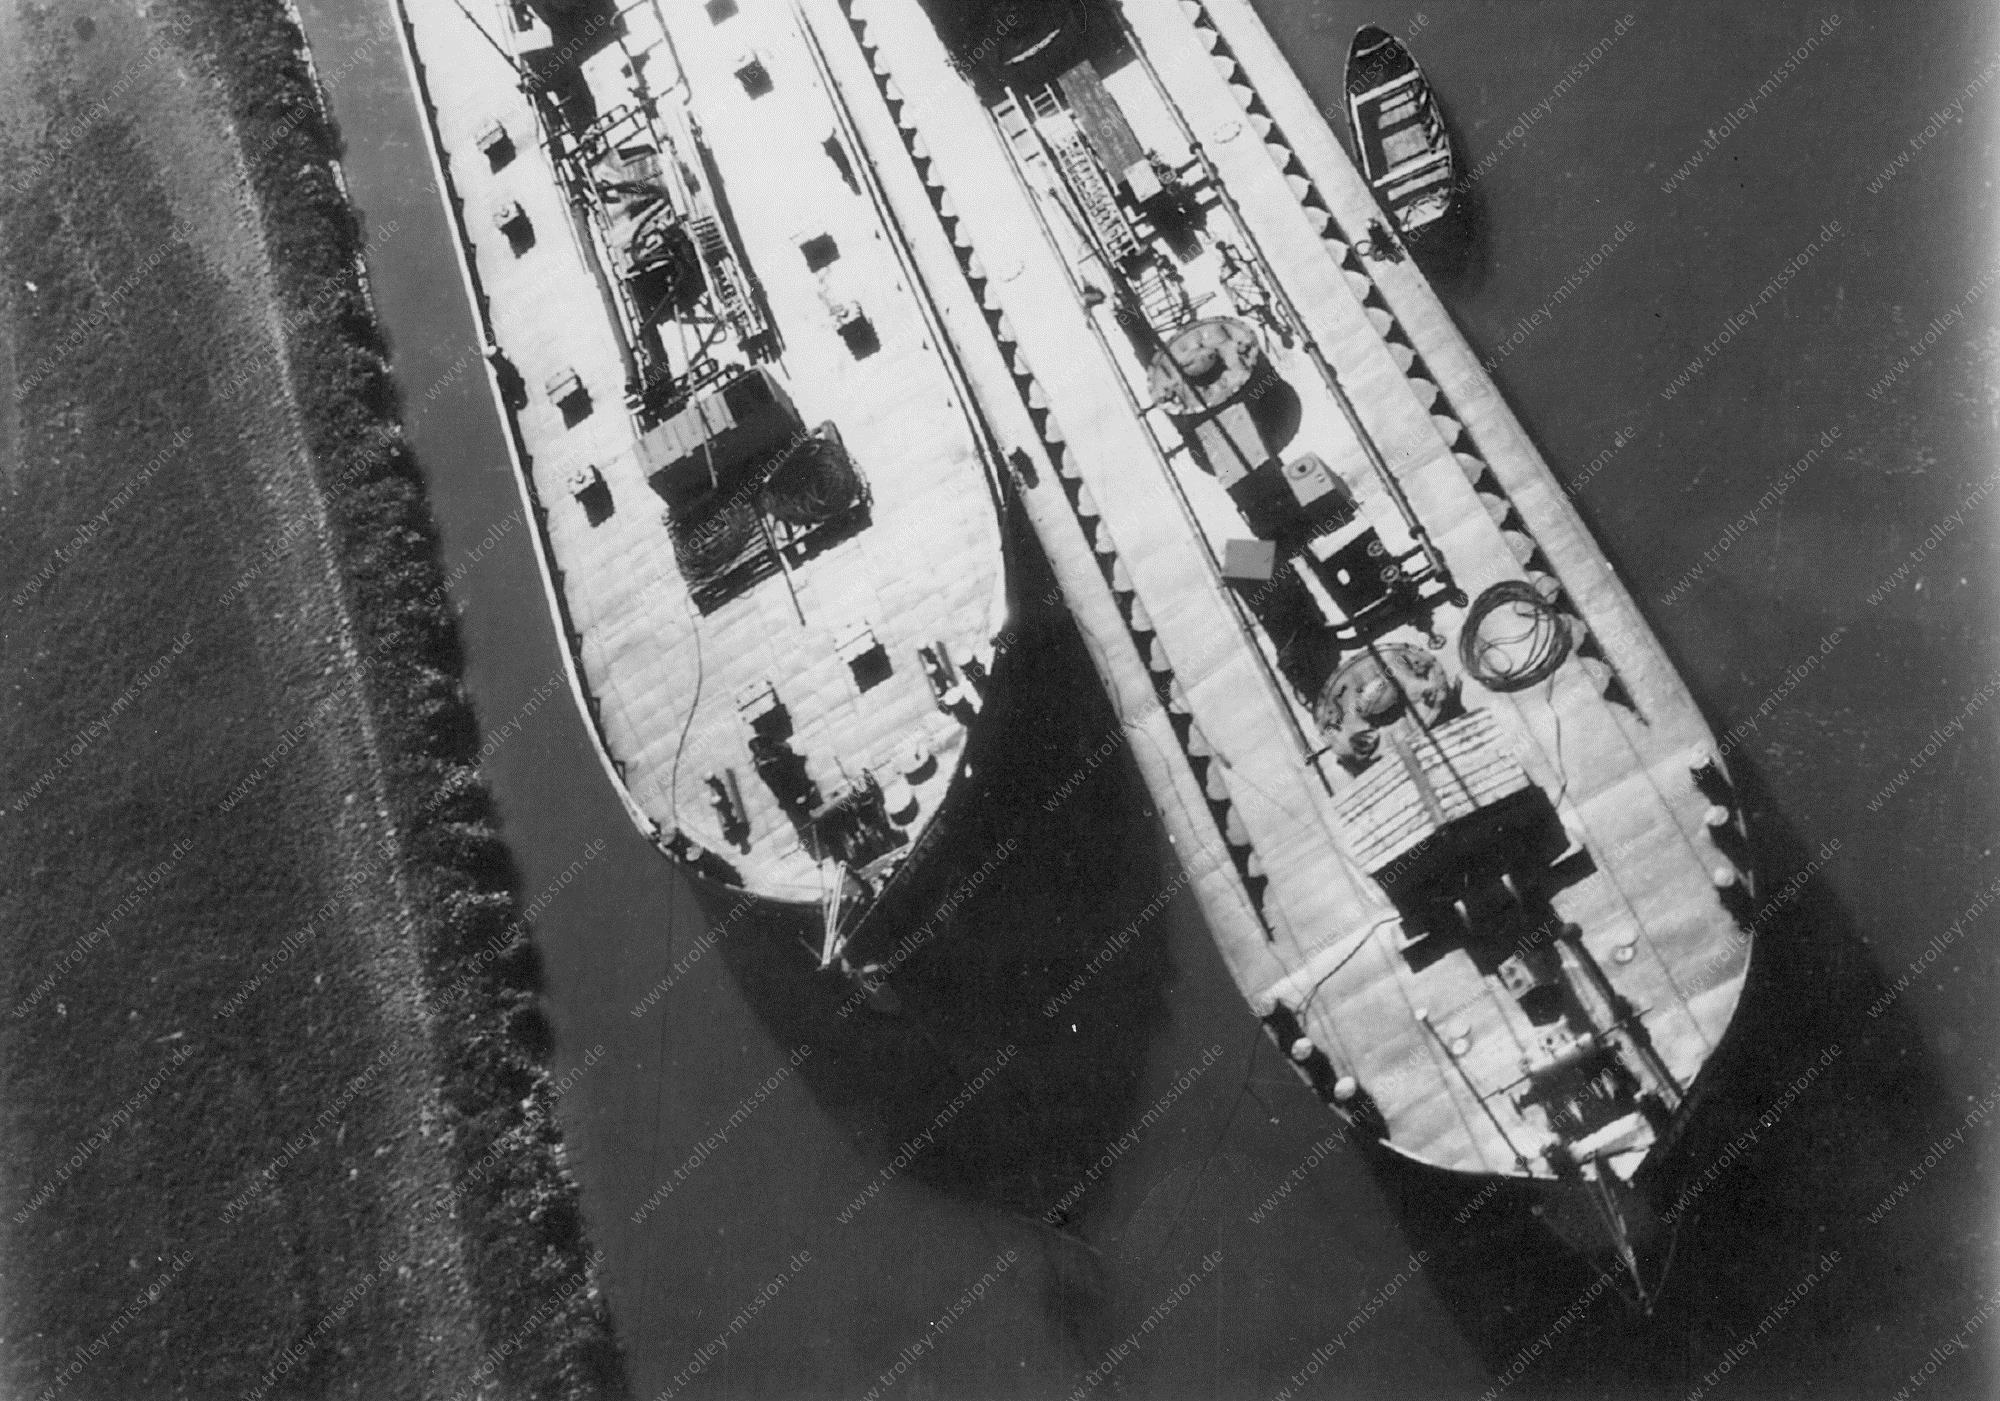 Unbekanntes Luftbild Schiffe im Hafen - Name des linken Schiffes Urania